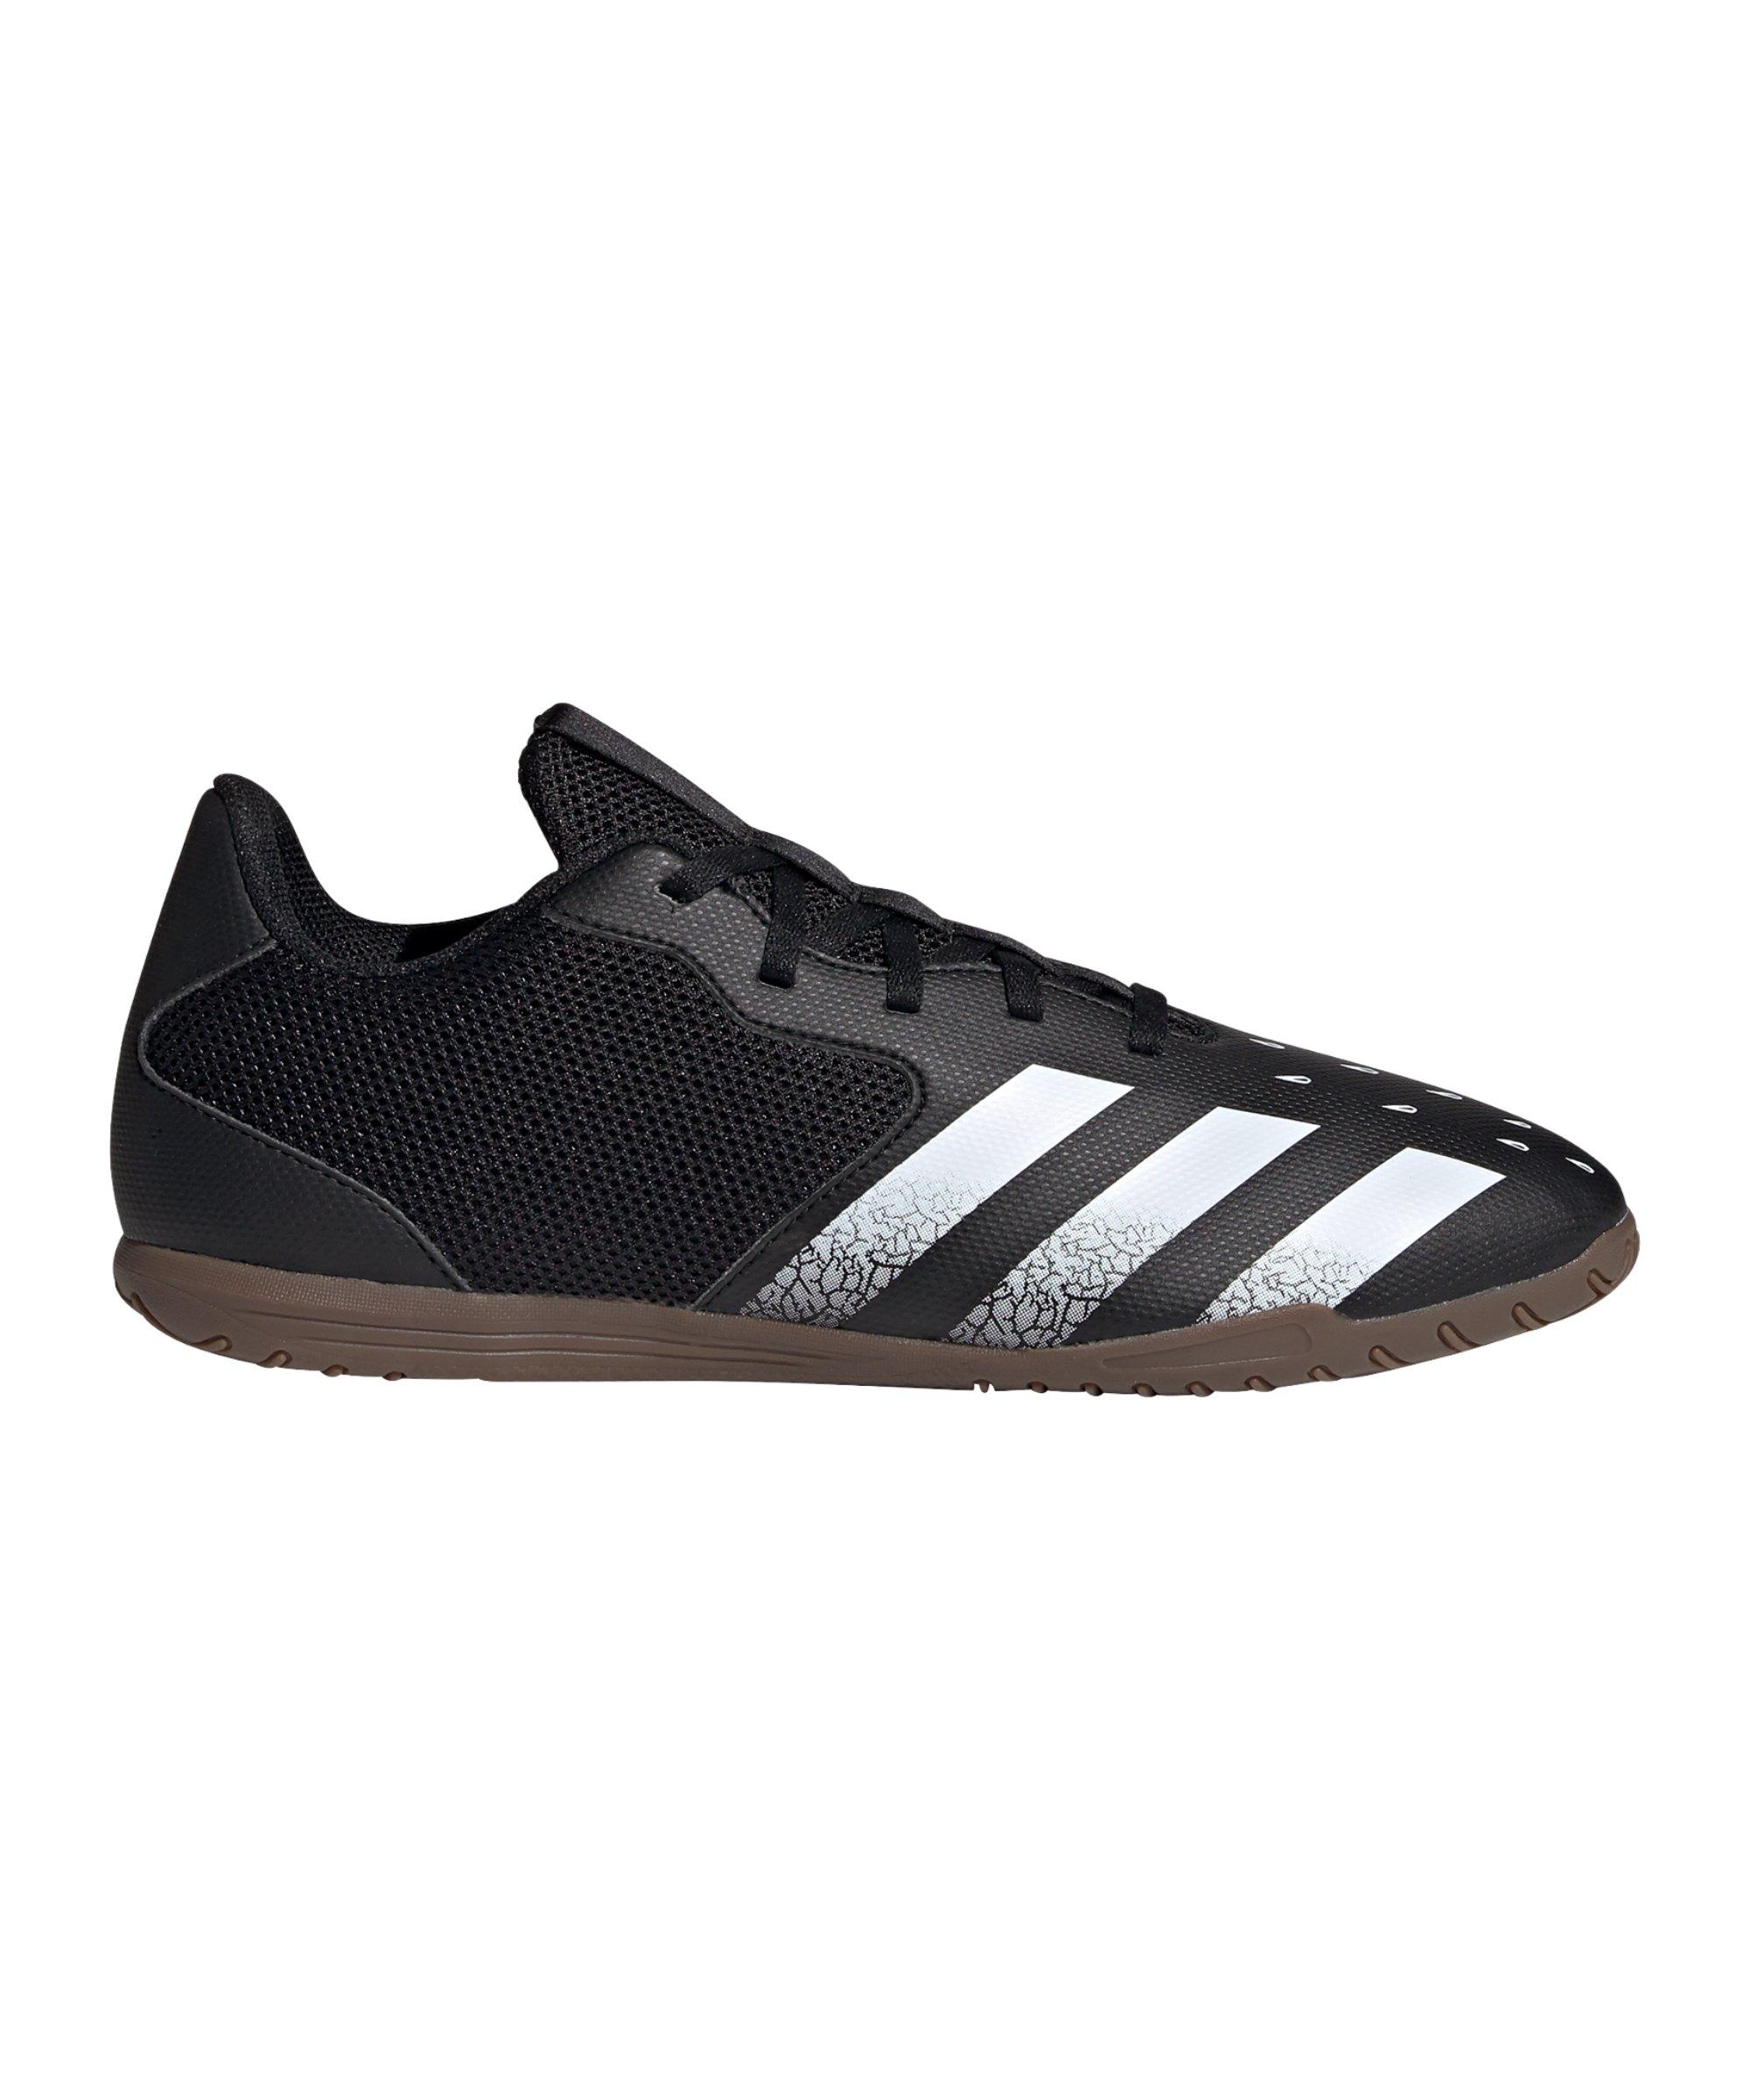 adidas Predator FREAK.4 IN Sala Halle Superstealth Schwarz - schwarz